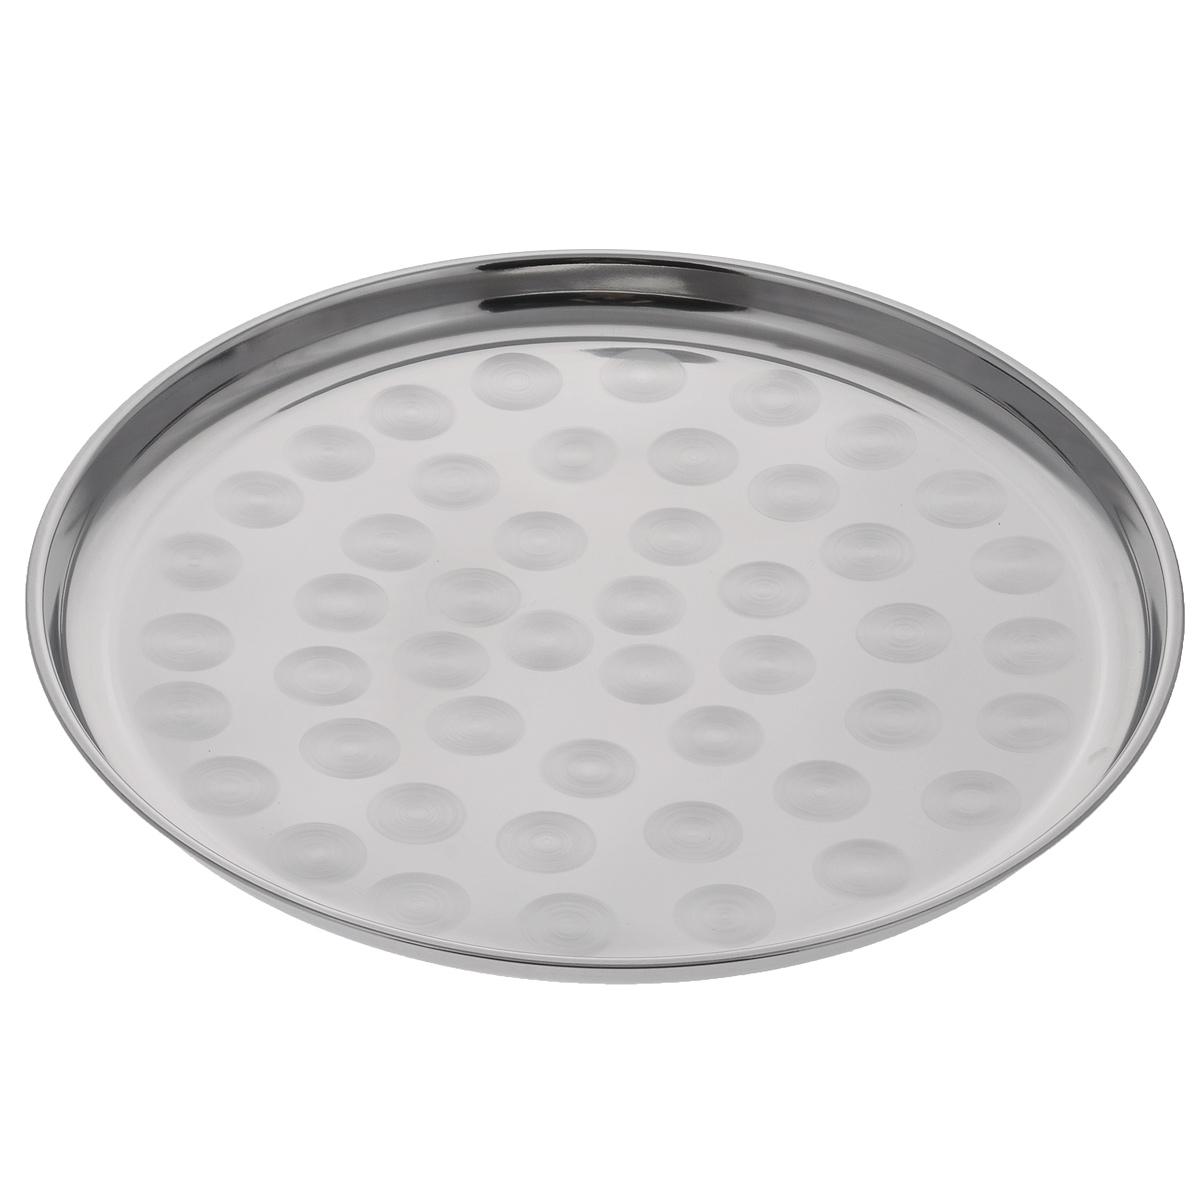 Поднос Padia, диаметр 35 см5400-01Круглый поднос Padia выполнен из высококачественной нержавеющей стали. Он отлично подойдет для красивой сервировки различных блюд, закусок и фруктов на праздничном столе. Благодаря бортикам, поднос с легкостью можно переносить с места на место.Поднос Padia займет достойное место на вашей кухне.Диаметр подноса: 35 см.Высота подноса: 2 см.